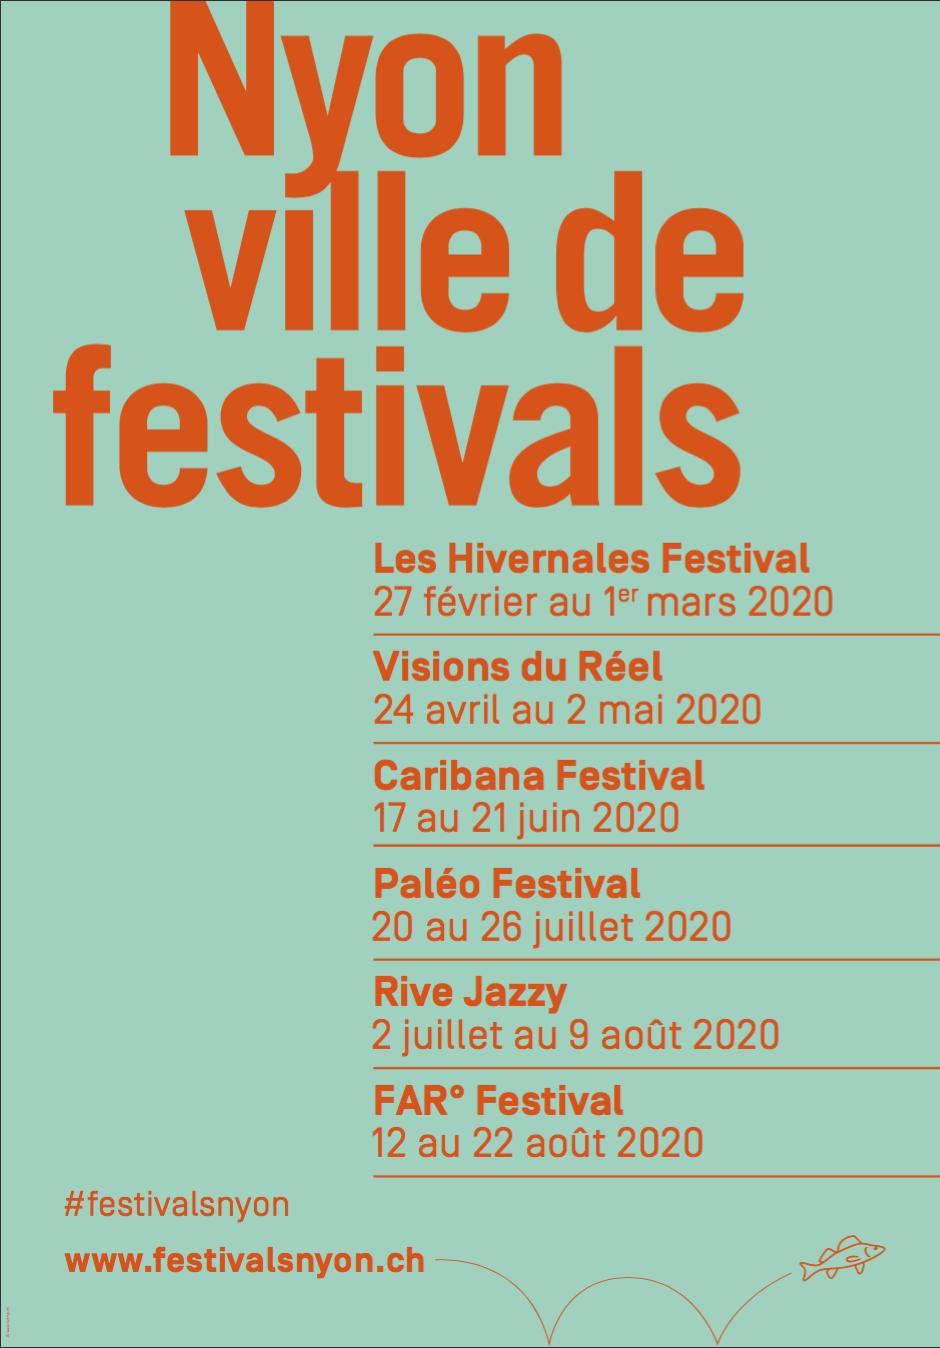 Nyon ville de festivals 2020